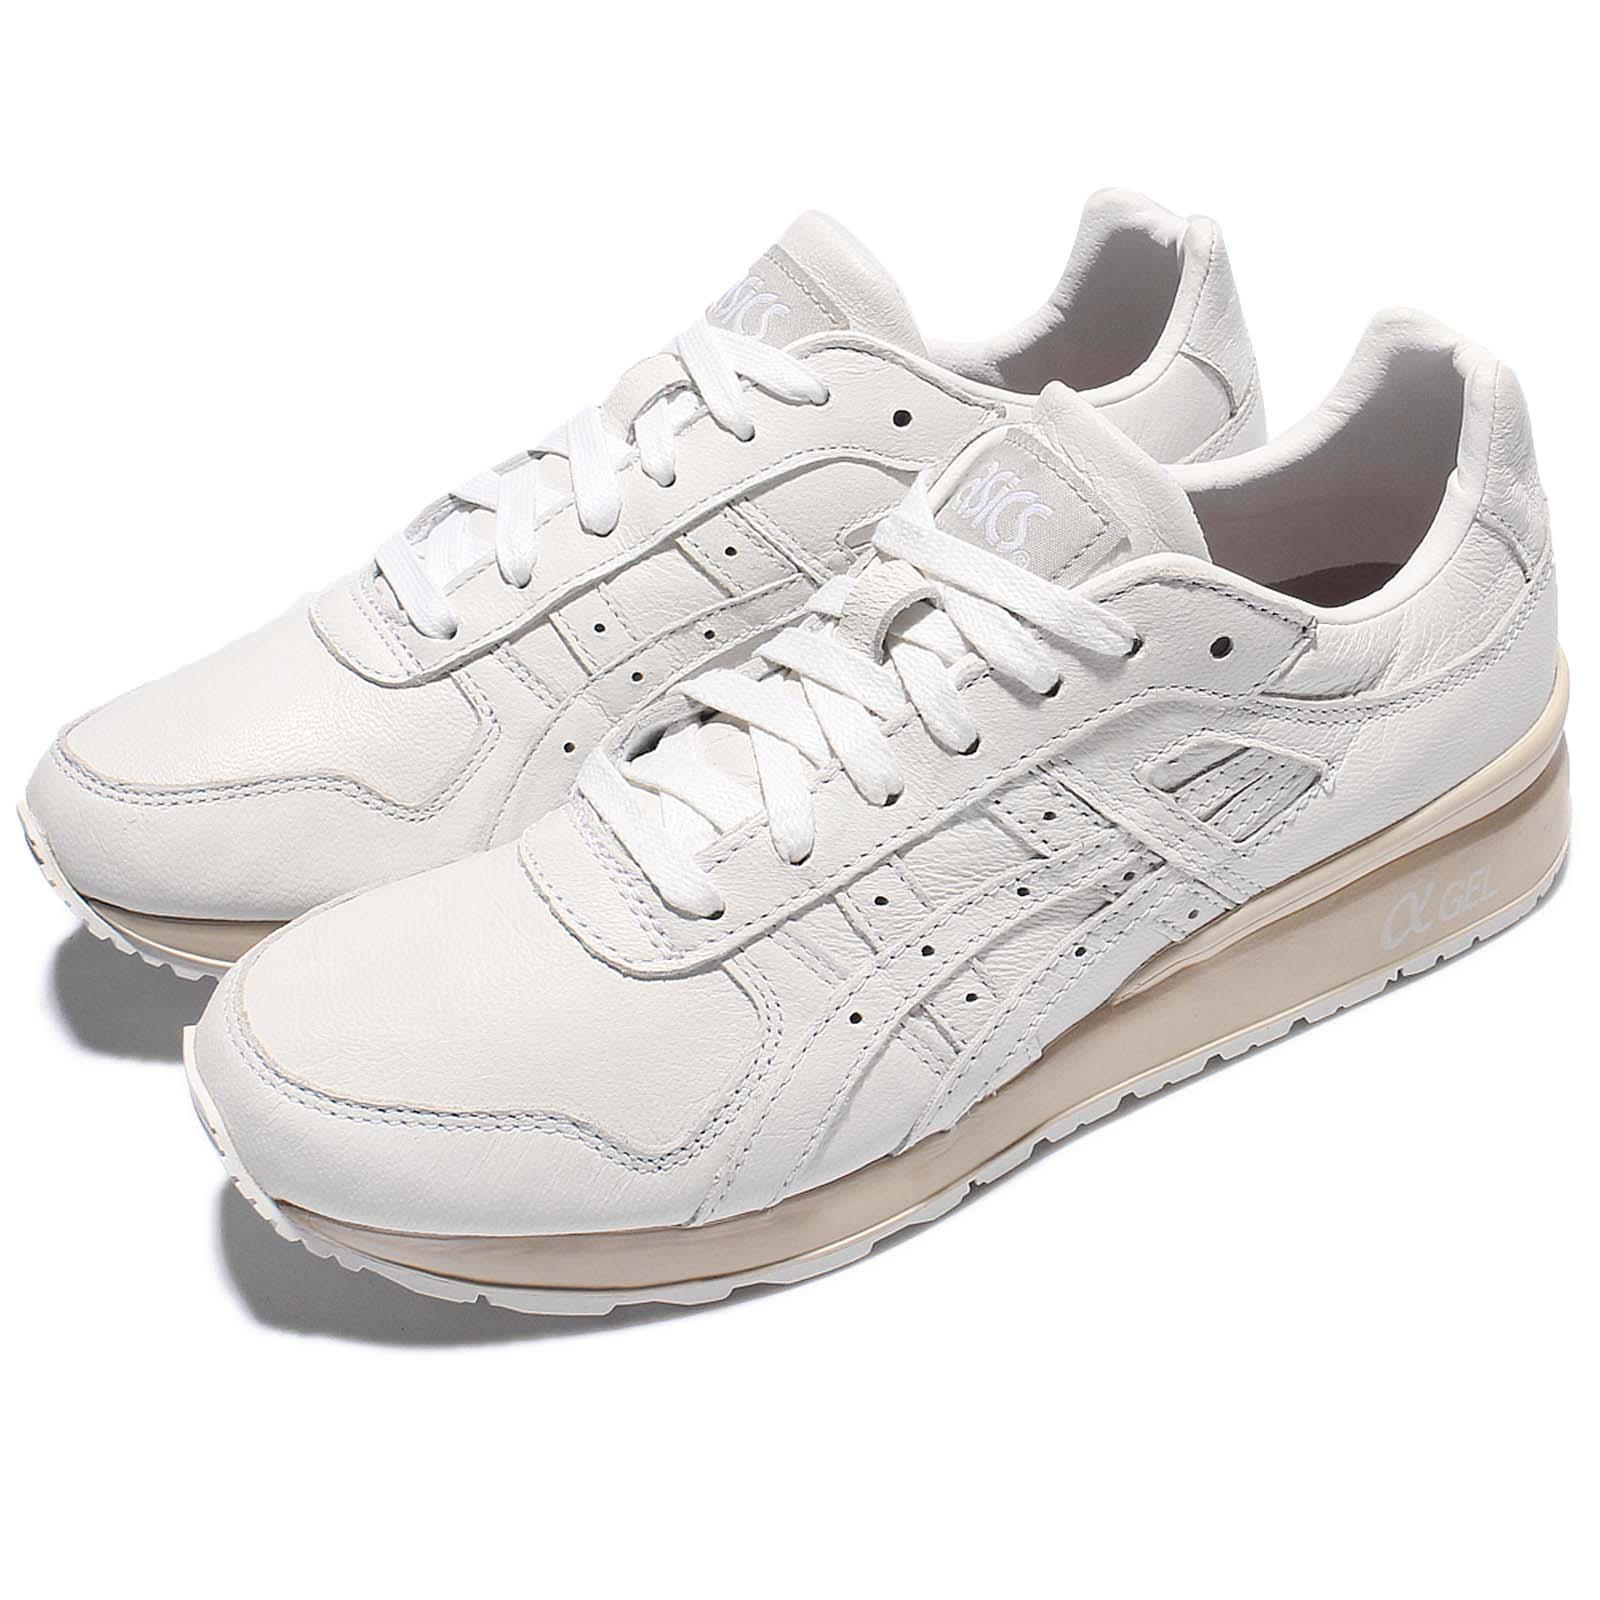 Asics Tiger GT-II 2 bianca Leather Khaki Gel Retro Uomo Shoes Scarpe da Ginnastica H7L2L-0101